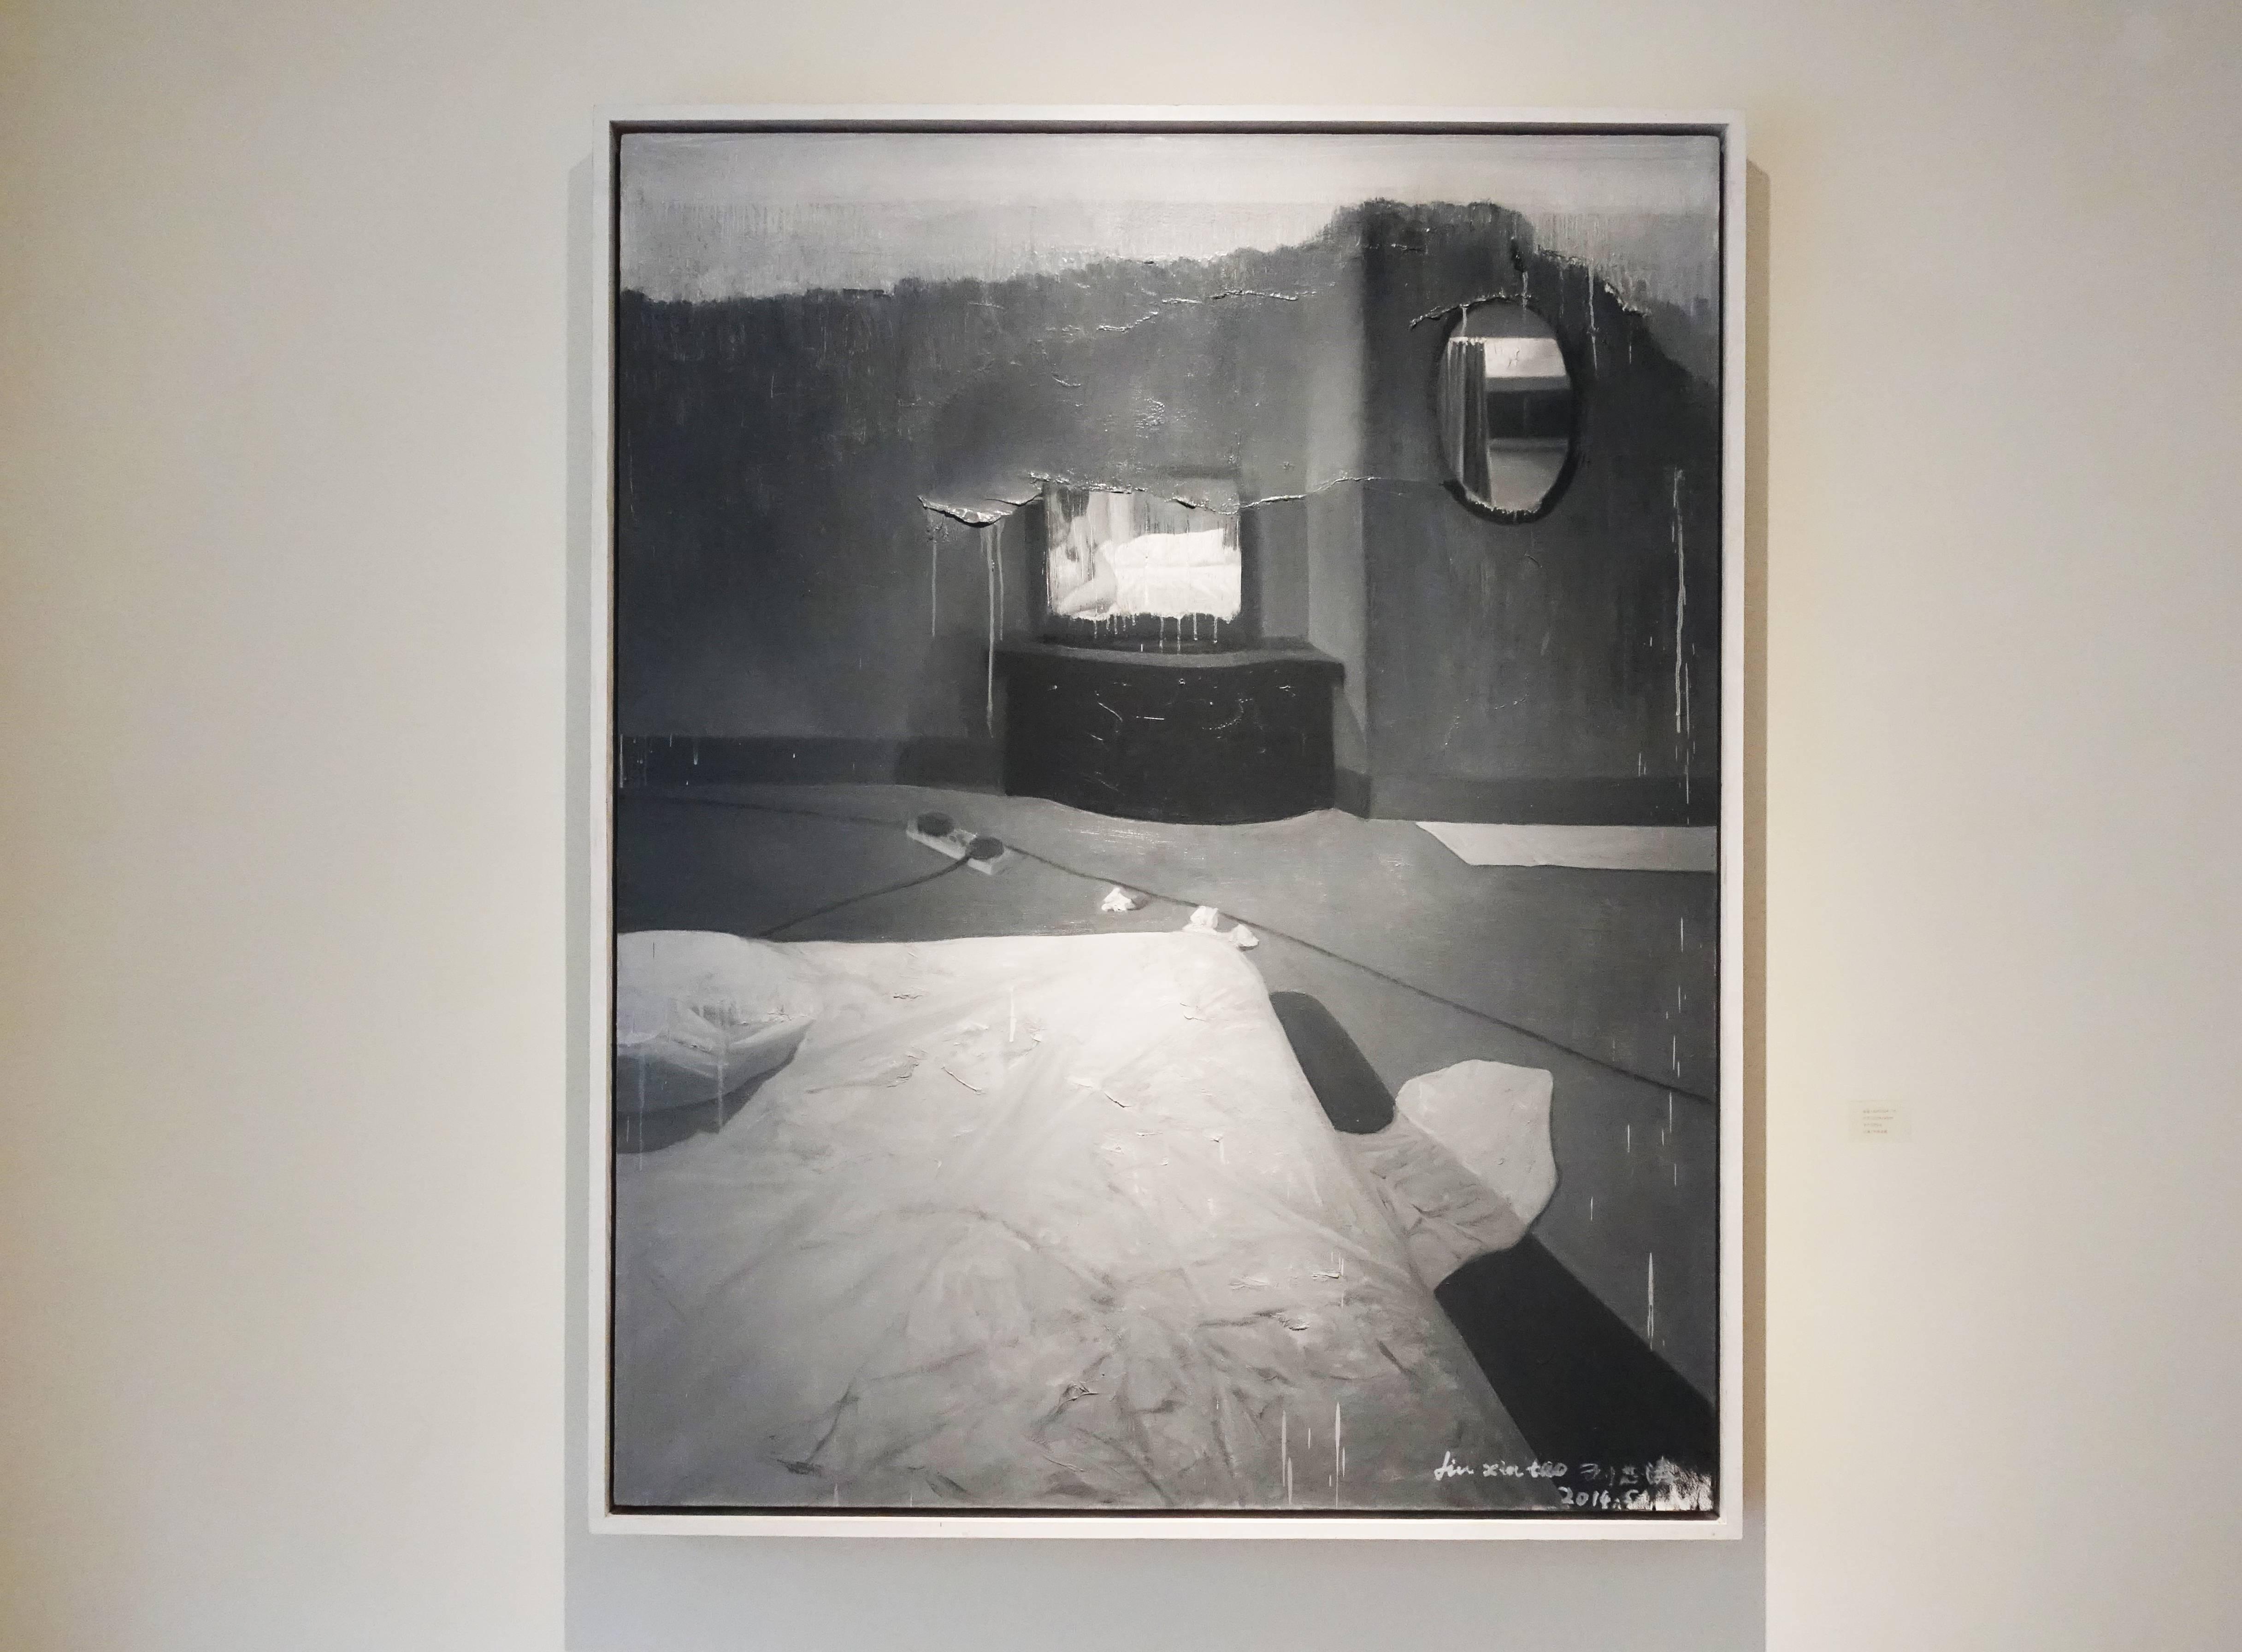 劉芯濤,《房間》,120 x 150 cm,布面油畫,2014。